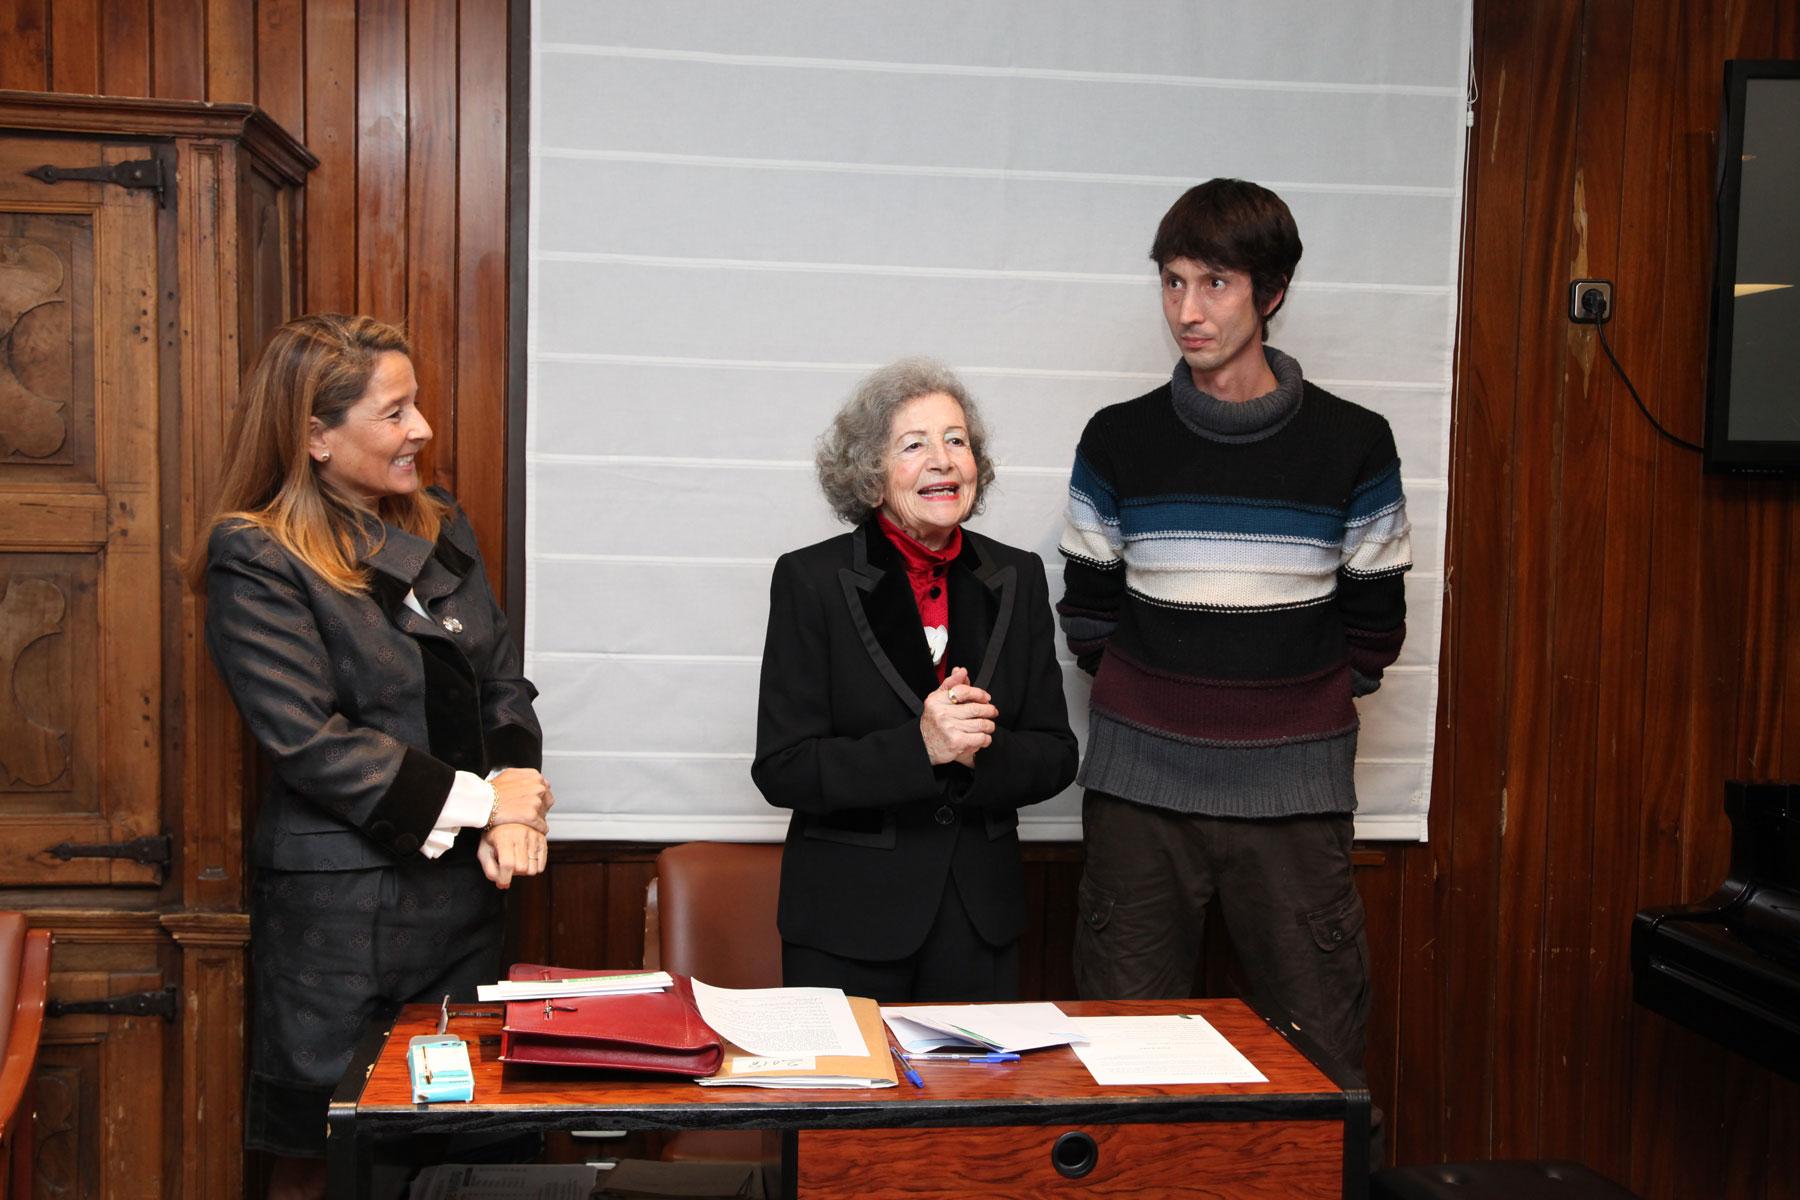 Entrega de premios de la pasada edición del Concurso-Exposición de Artes Plásticas.